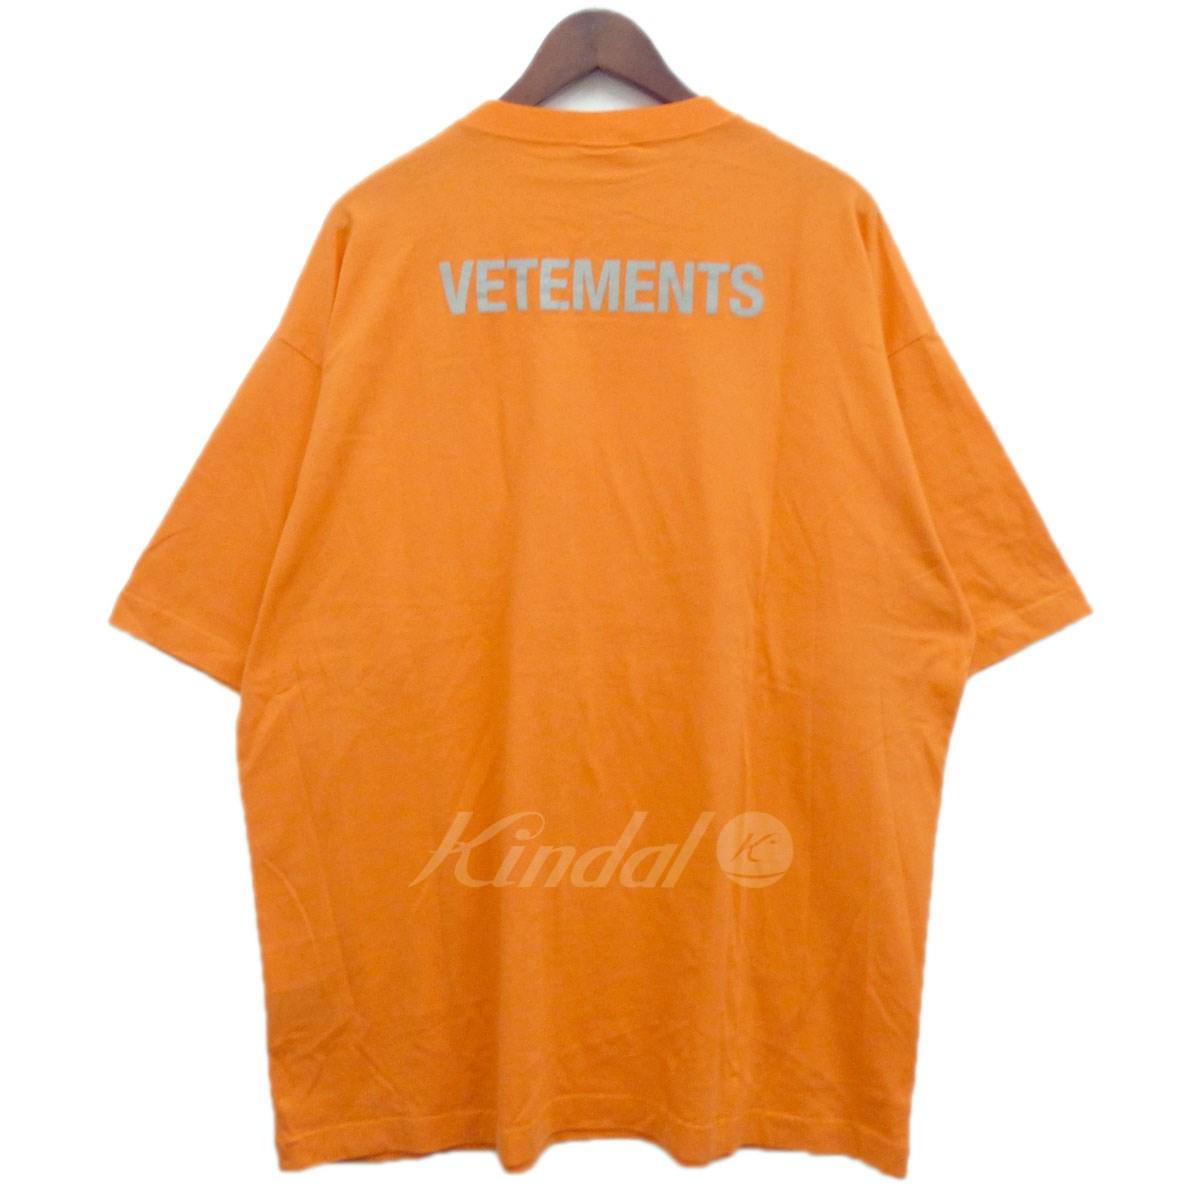 【中古】VETEMENTS 18SSリフレクタープリントTシャツ オレンジ サイズ:M 【送料無料】 【231018】(ヴェトモン)